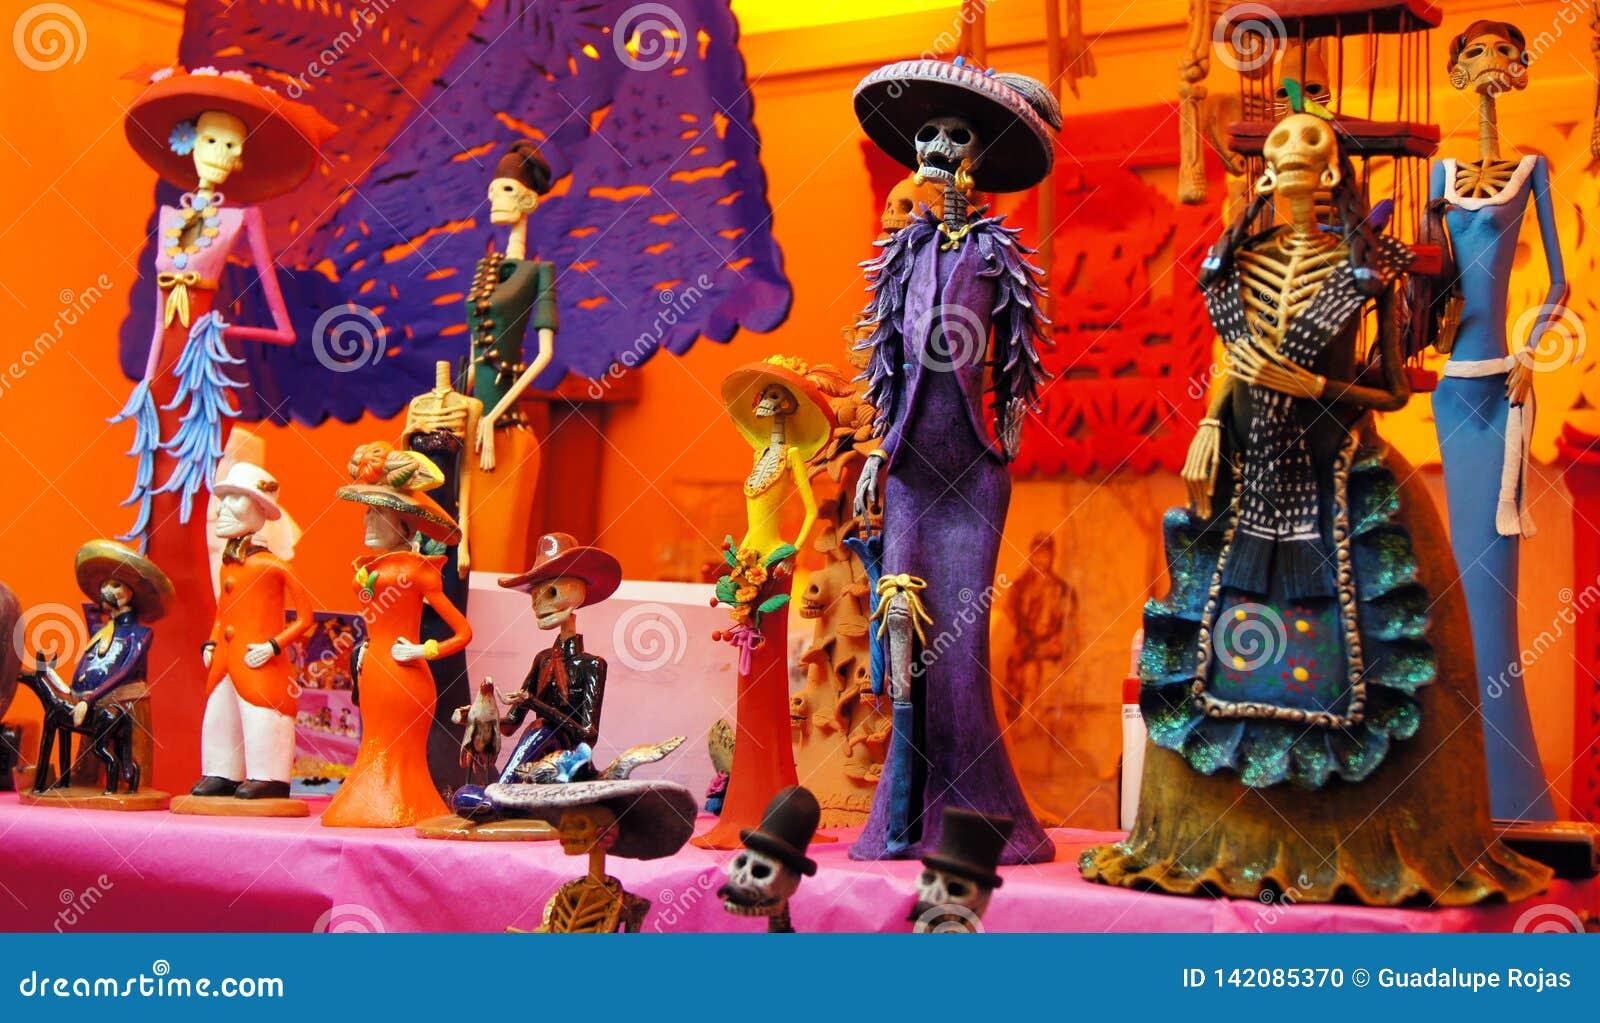 Ofiary, czaszki, rzemiosła odnosić sie dzień nieboszczyk w Meksyk Lajkonik pełno który robi my pamiętać kolory i tradycje